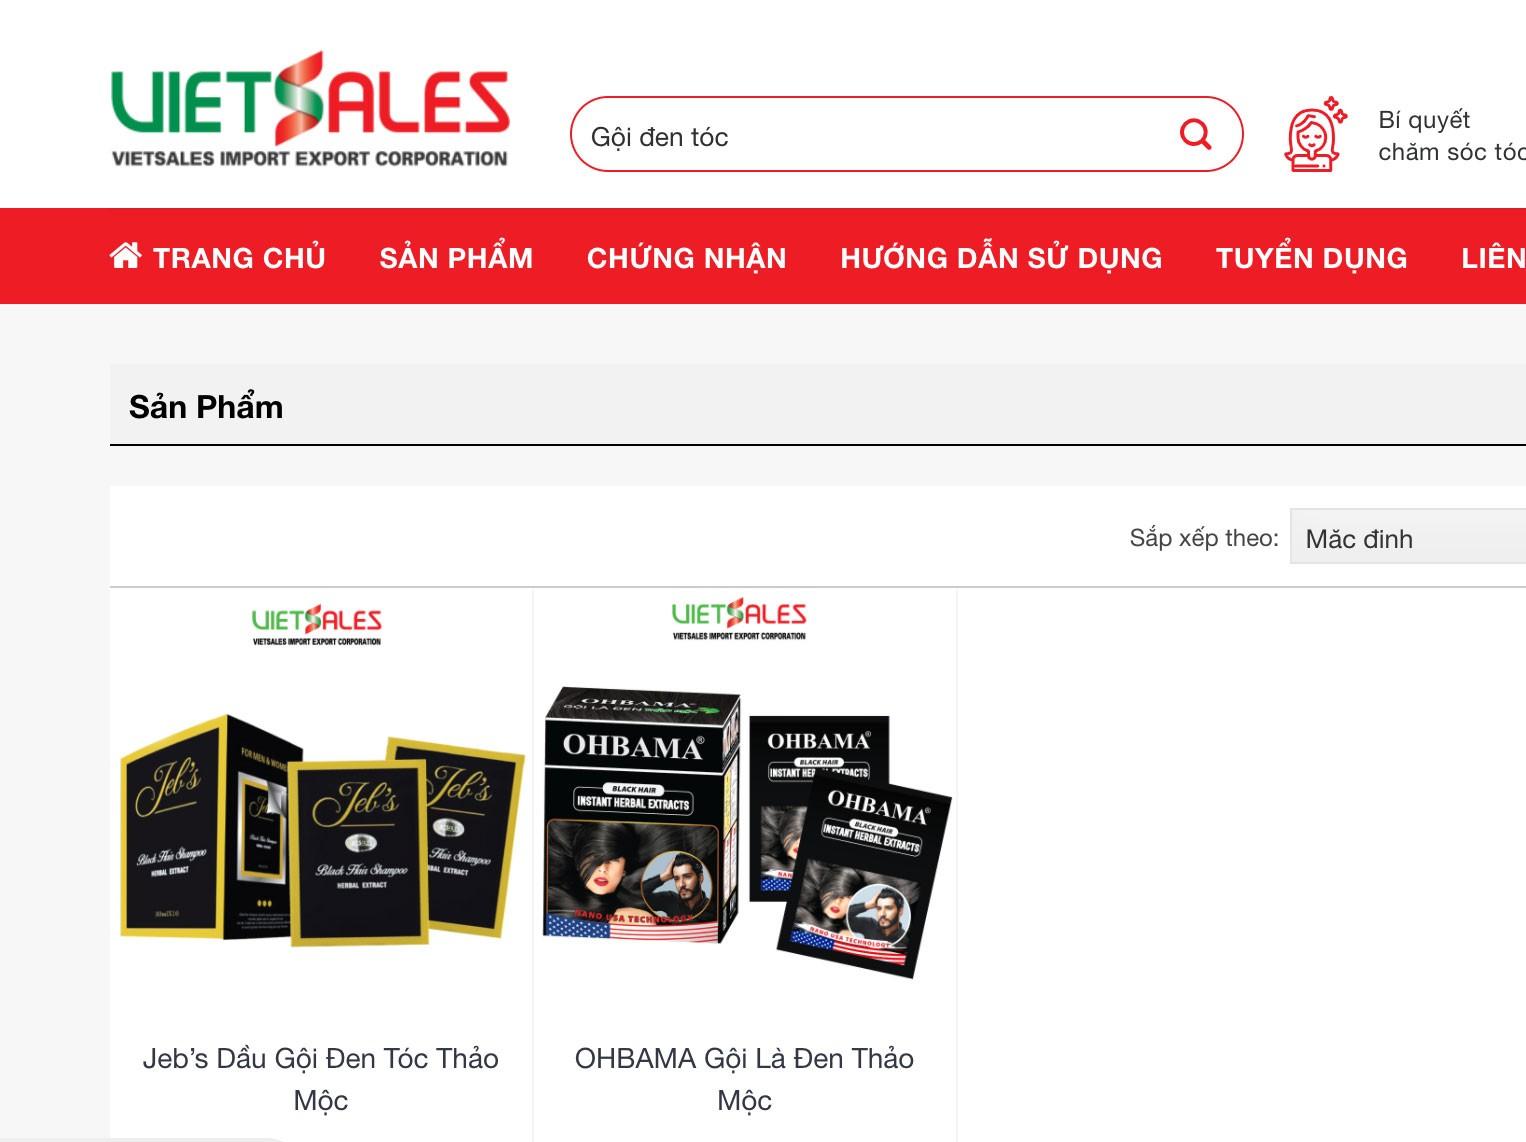 Hướng-dẫn-mua-hàng-Viet-Sales-2